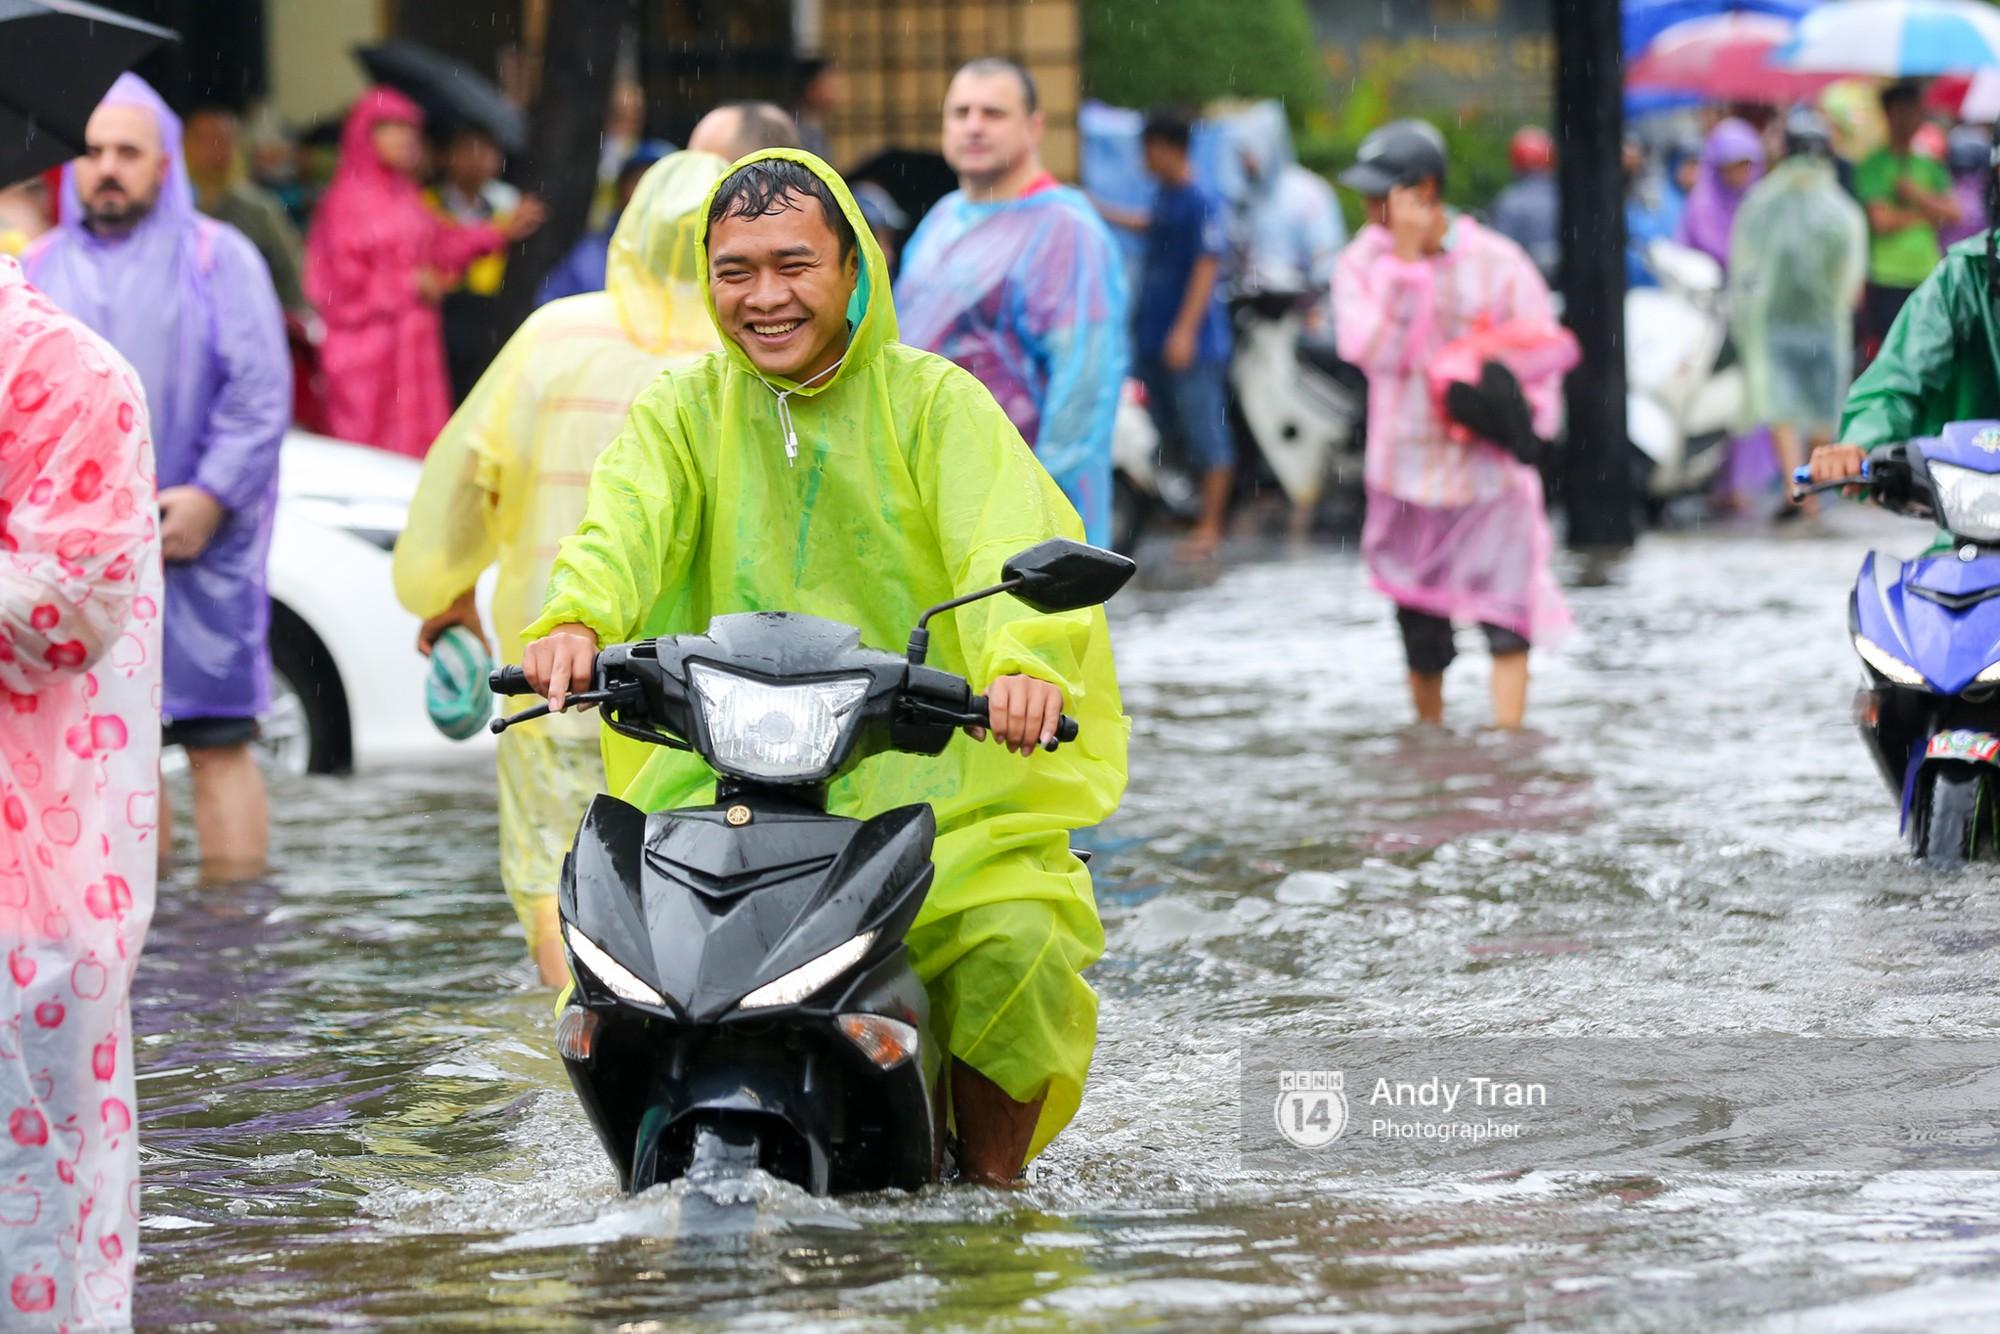 Chùm ảnh: Hội An nước ngập thành sông do ảnh hưởng của bão, người dân và du khách chật vật dùng thuyền bè di chuyển - Ảnh 6.